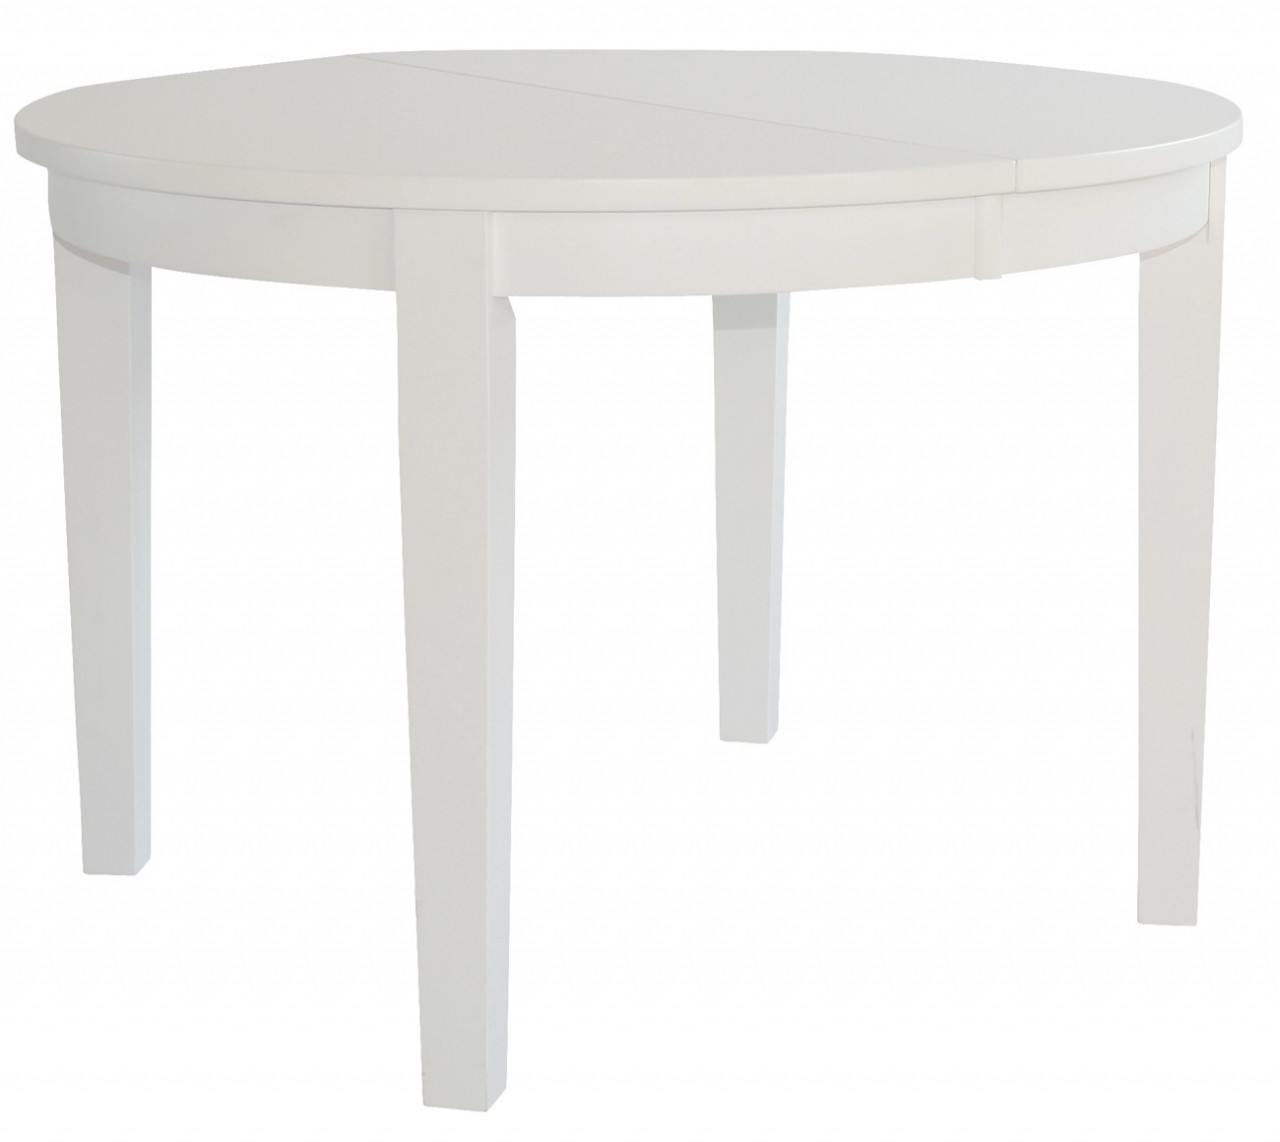 Matbord Möja I Vitlackat Massivt Trä Runt Matbord Med Iläggsskiva Längd 110 190 Cm Plats För